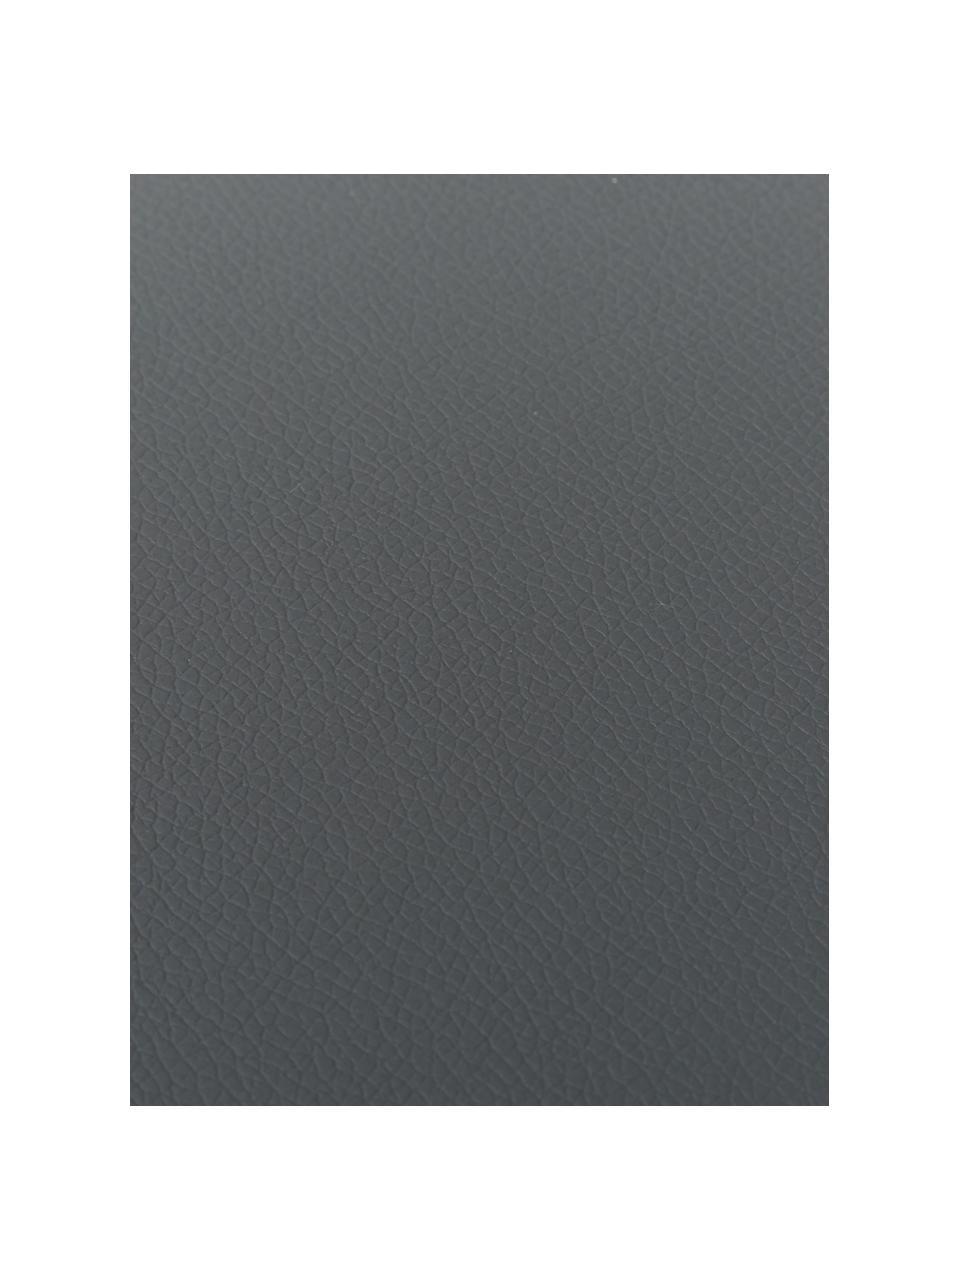 Podkładka ze sztucznej skóry Pik, 2 szt., Sztuczna skóra (PVC), Antracytowy, S 33 x D 46 cm